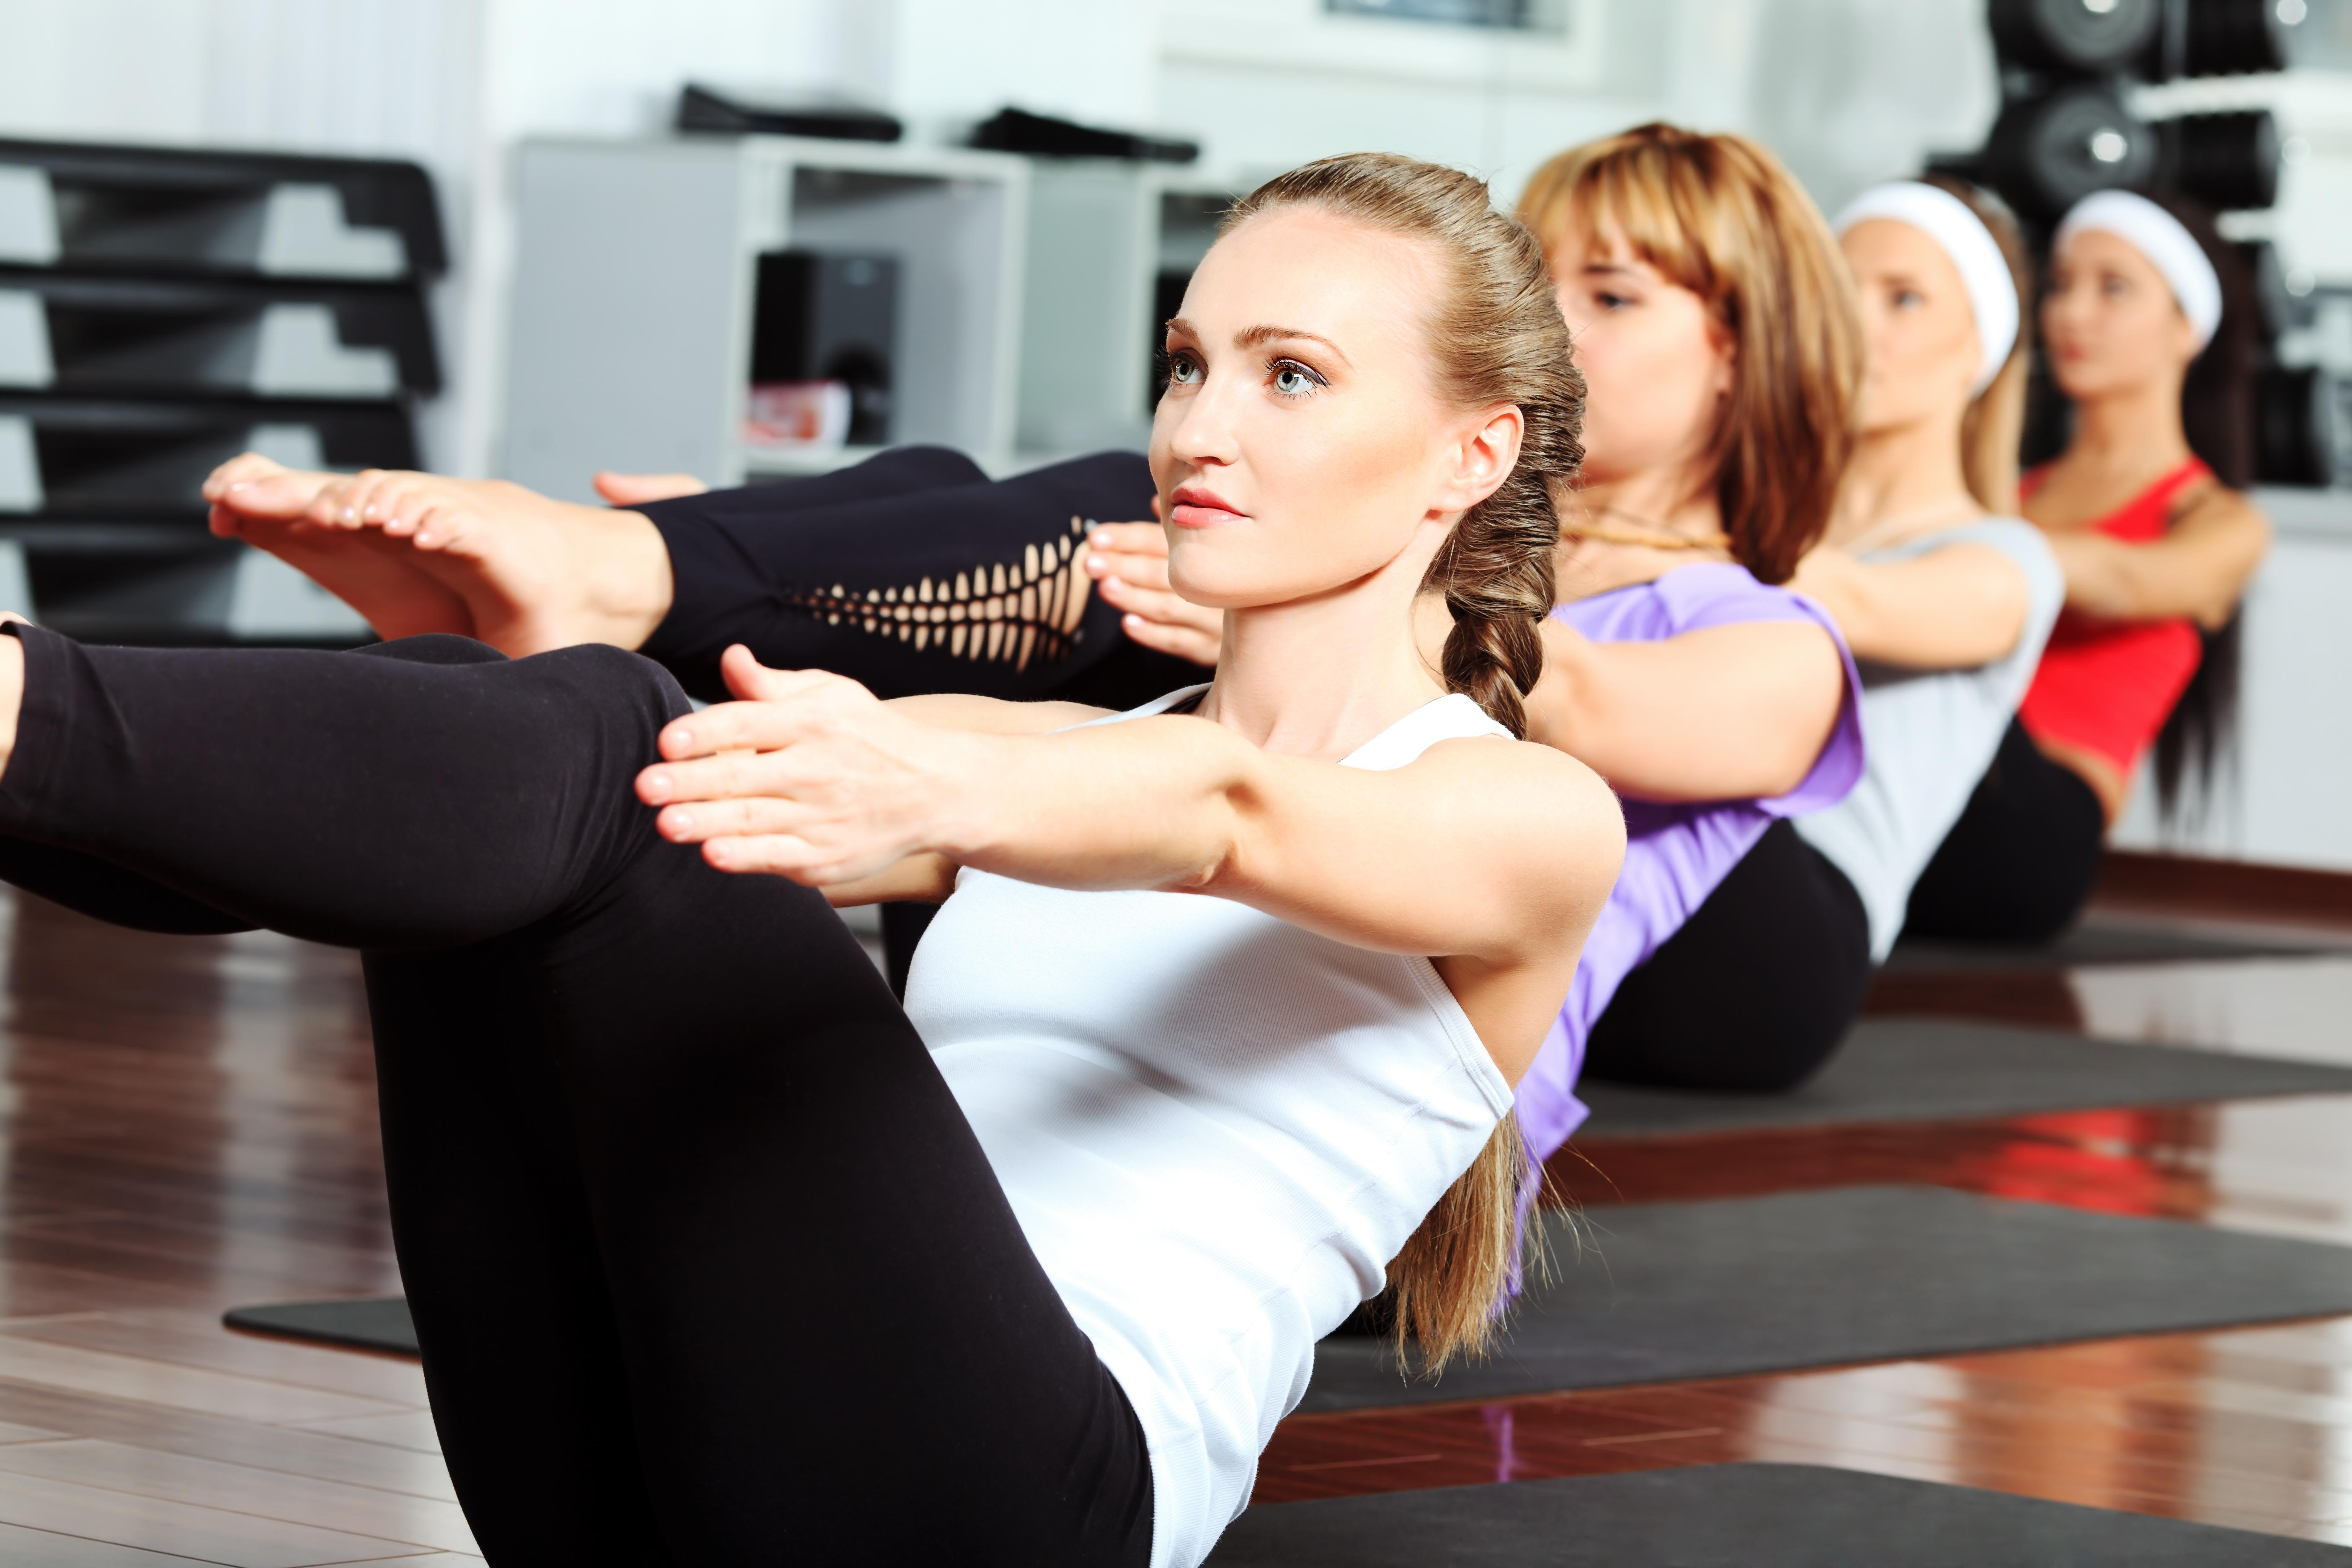 O Que a Ciência Diz Sobre Pilates e Seus Benefícios